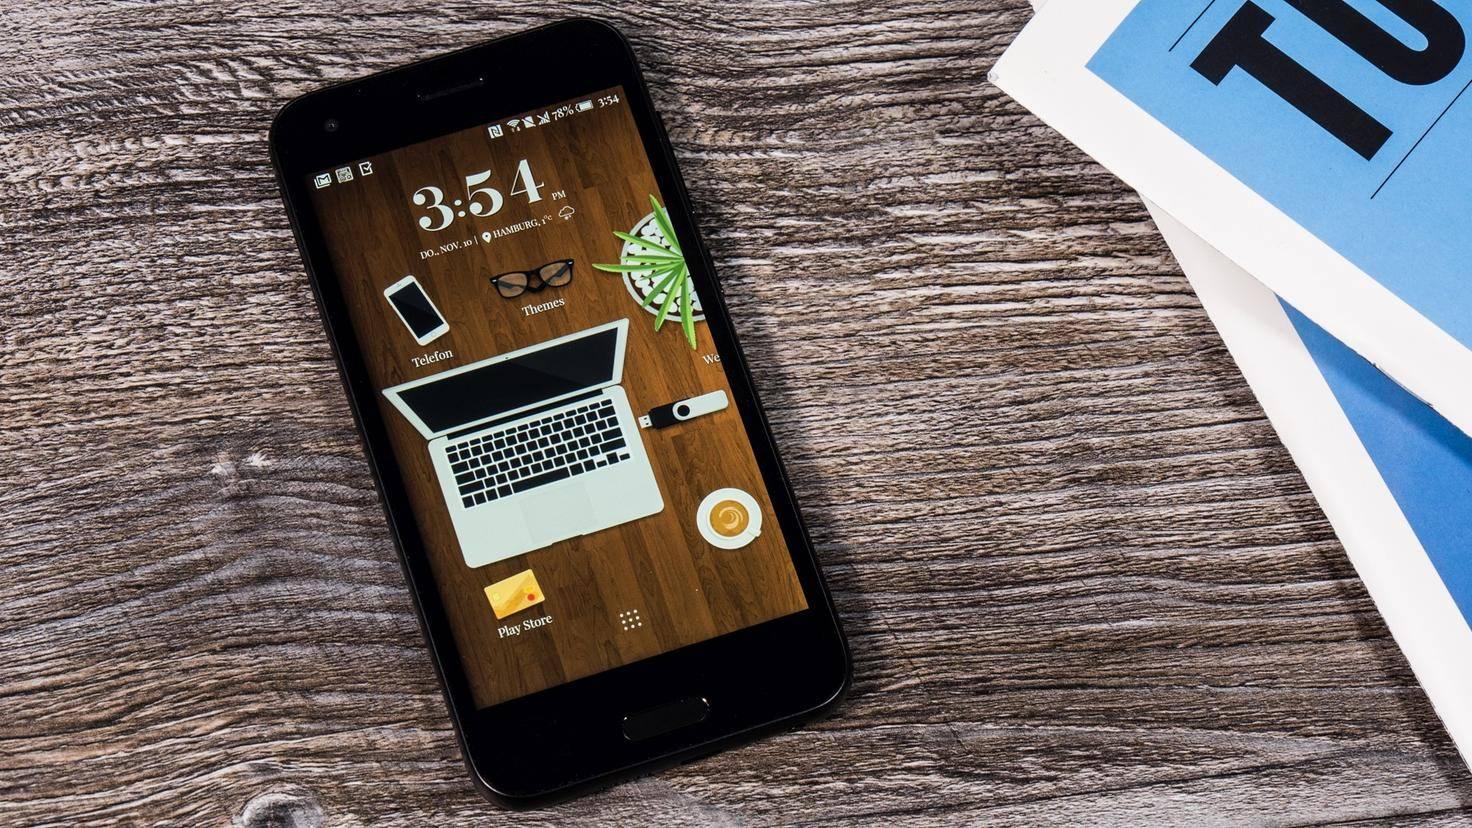 161109_HTC-One_A9s-4